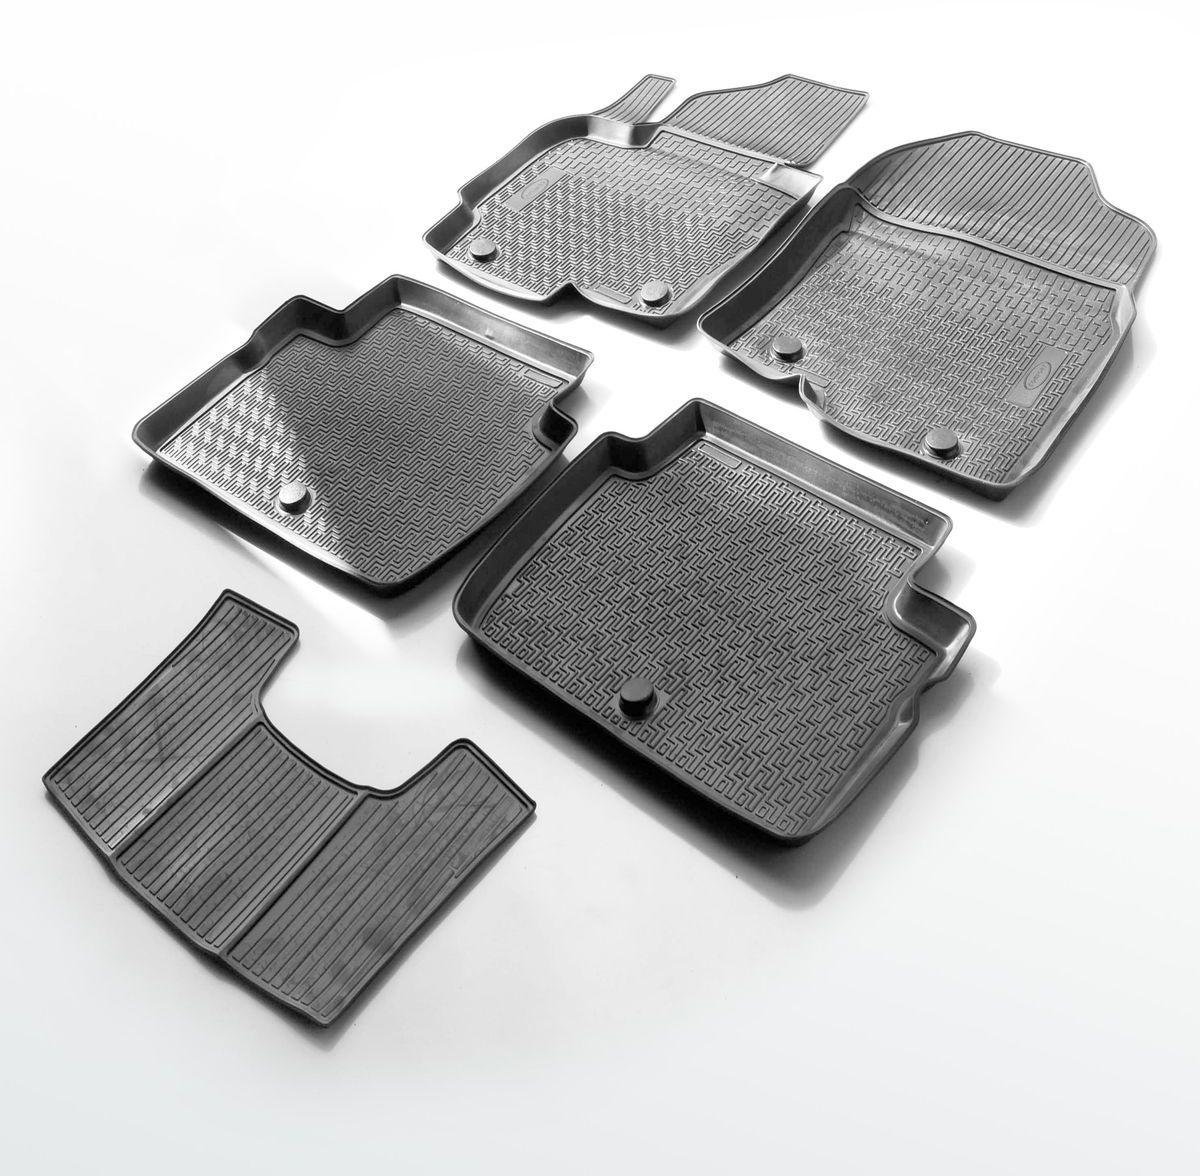 Ковры салона Rival для Skoda Superb B8 2016-, 4 шт + перемычка0015104002Автомобильные ковры салона Rival Прочные и долговечные ковры в салон автомобиля, изготовлены из высококачественного и экологичного сырья, полностью повторяют геометрию салона вашего автомобиля. - Надежная система крепления, позволяющая закрепить коврик на штатные элементы фиксации, в результате чего отсутствует эффект скольжения по салону автомобиля. - Высокая стойкость поверхности к стиранию. - Специализированный рисунок и высокий борт, препятствующие распространению грязи и жидкости по поверхности ковра. - Перемычка задних ковров в комплекте предотвращает загрязнение тоннеля карданного вала. - Произведены из первичных материалов, в результате чего отсутствует неприятный запах в салоне автомобиля. - Высокая эластичность, можно беспрепятственно эксплуатировать при температуре от -45 ?C до +45 ?C.